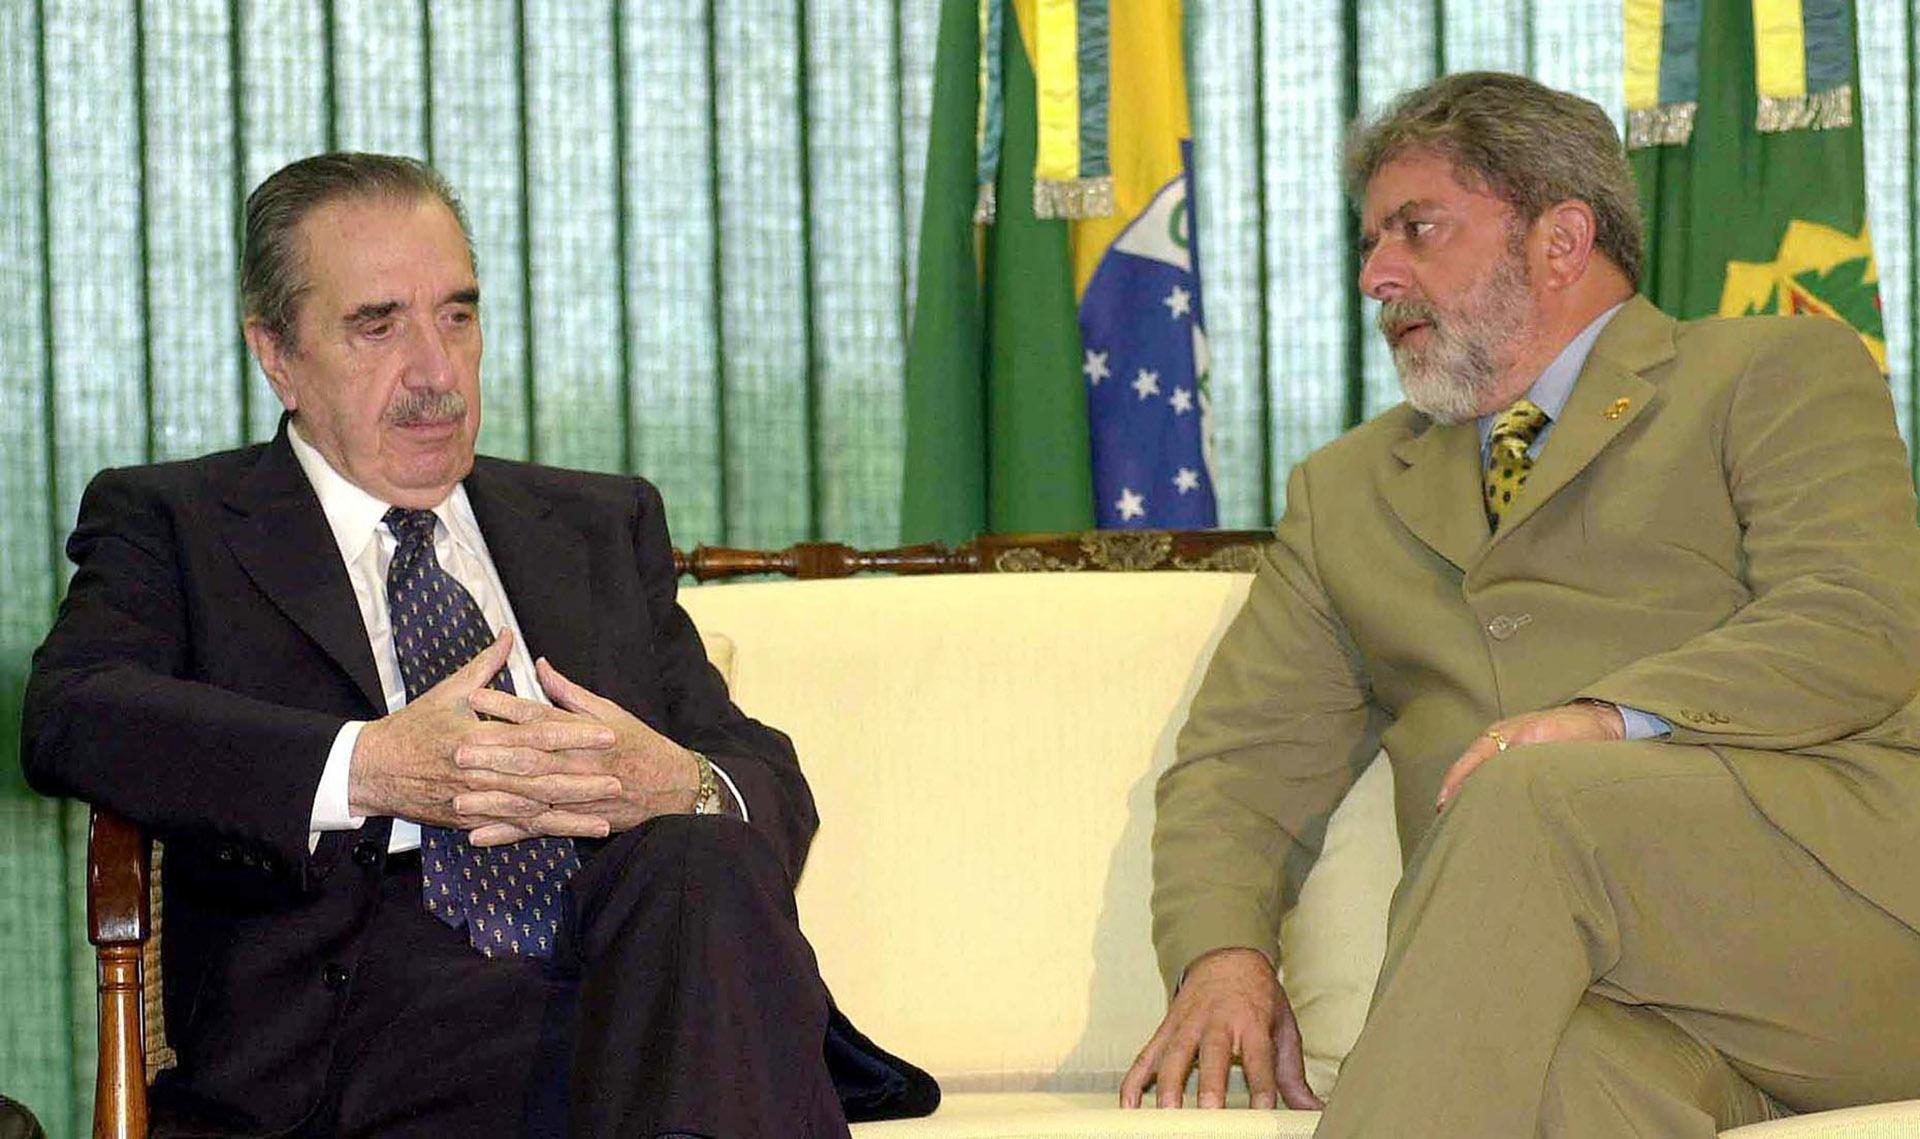 Junto al ex presidente de Brasil, Luiz Inacio Lula da Silva, el 2 de abril de 2003, durante un encuentro en el Palacio de Planalto en Brasilia, Brasil